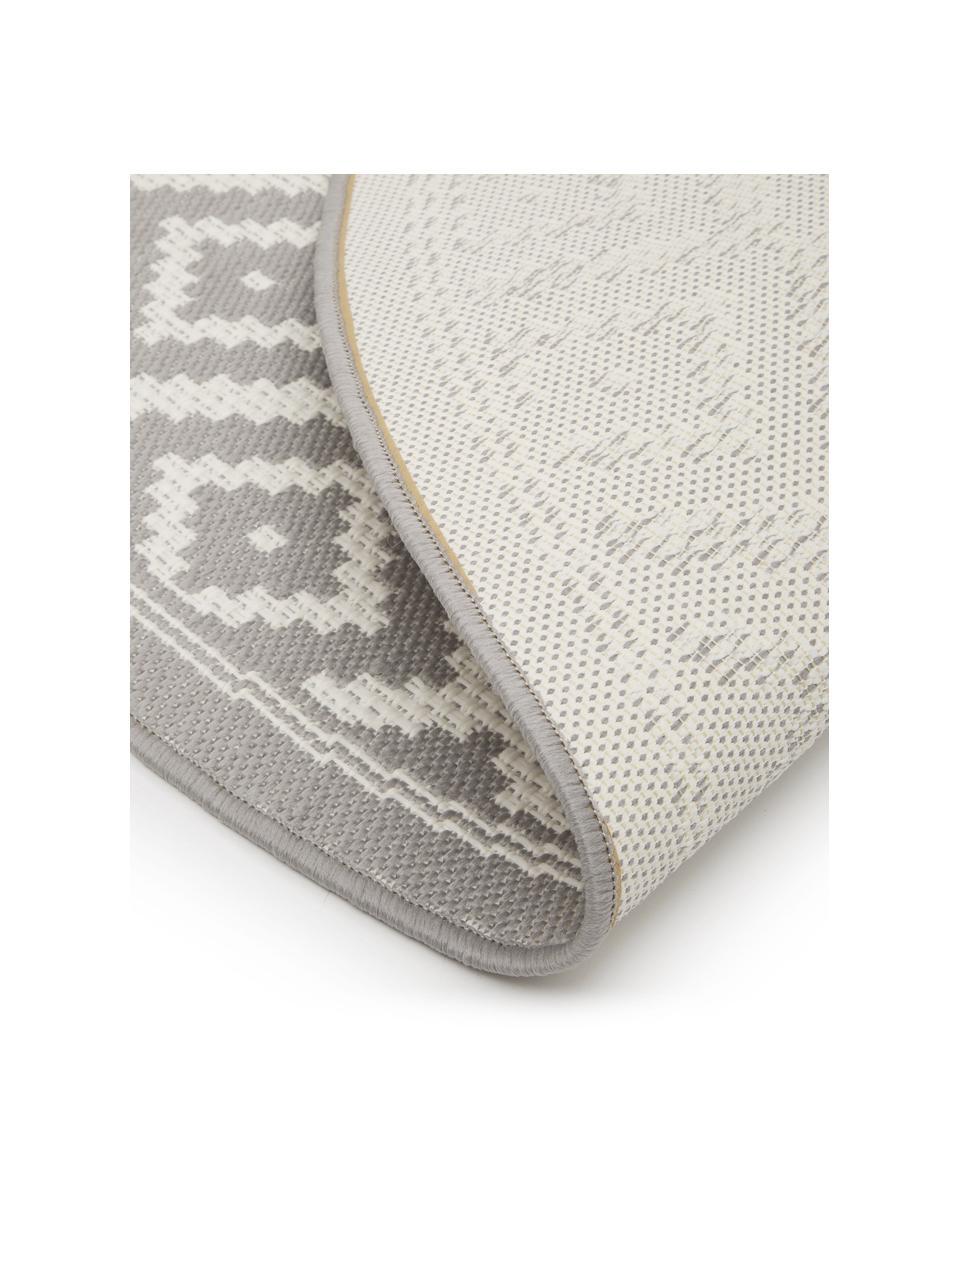 Tappeto rotondo grigio/bianco da interno-esterno Miami, 86% polipropilene, 14% poliestere, Bianco, grigio, Ø 200 cm (taglia L)